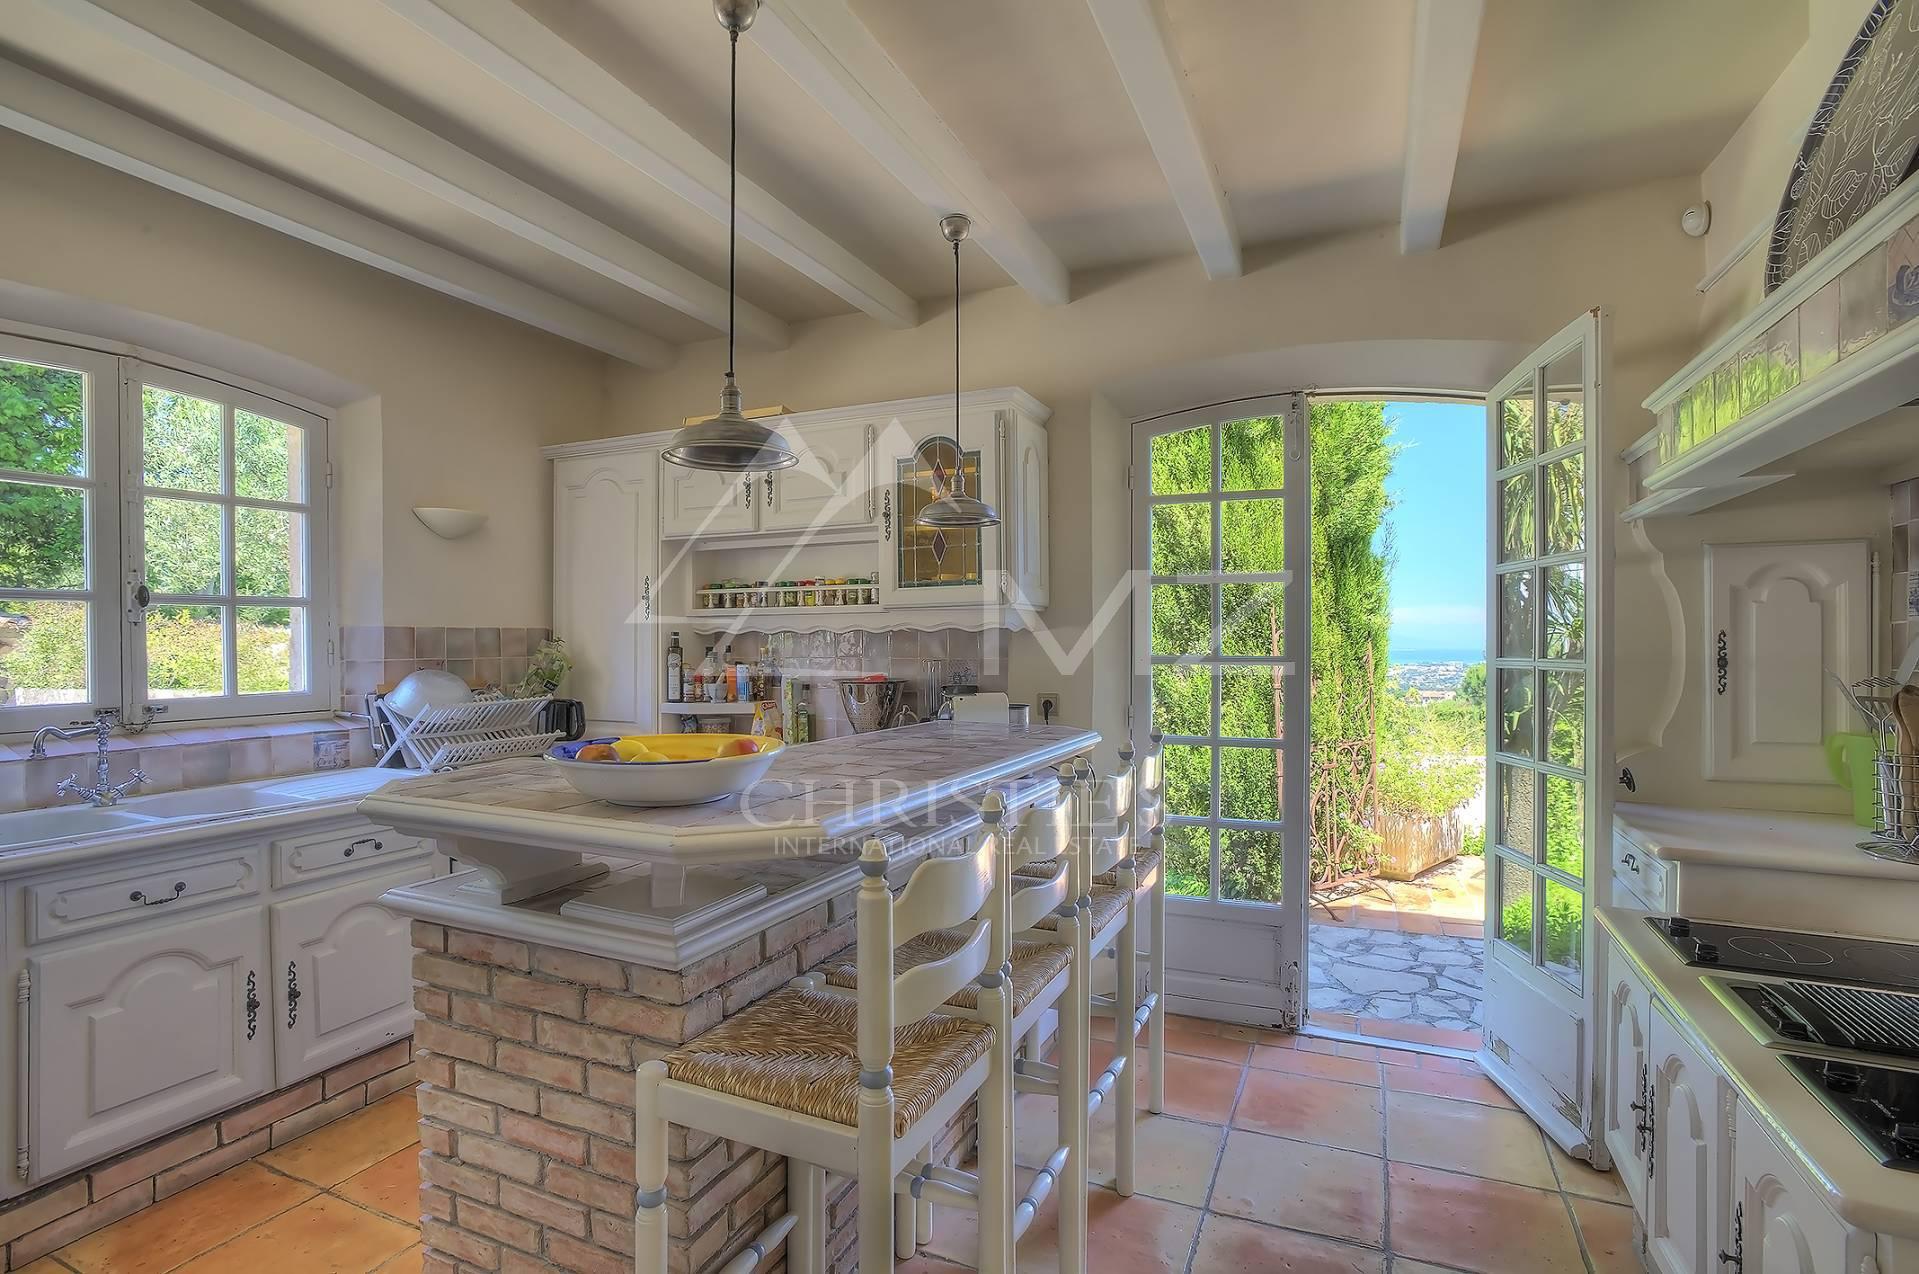 villa in cannes zu verkaufen 9 zimmer 350 m2. Black Bedroom Furniture Sets. Home Design Ideas